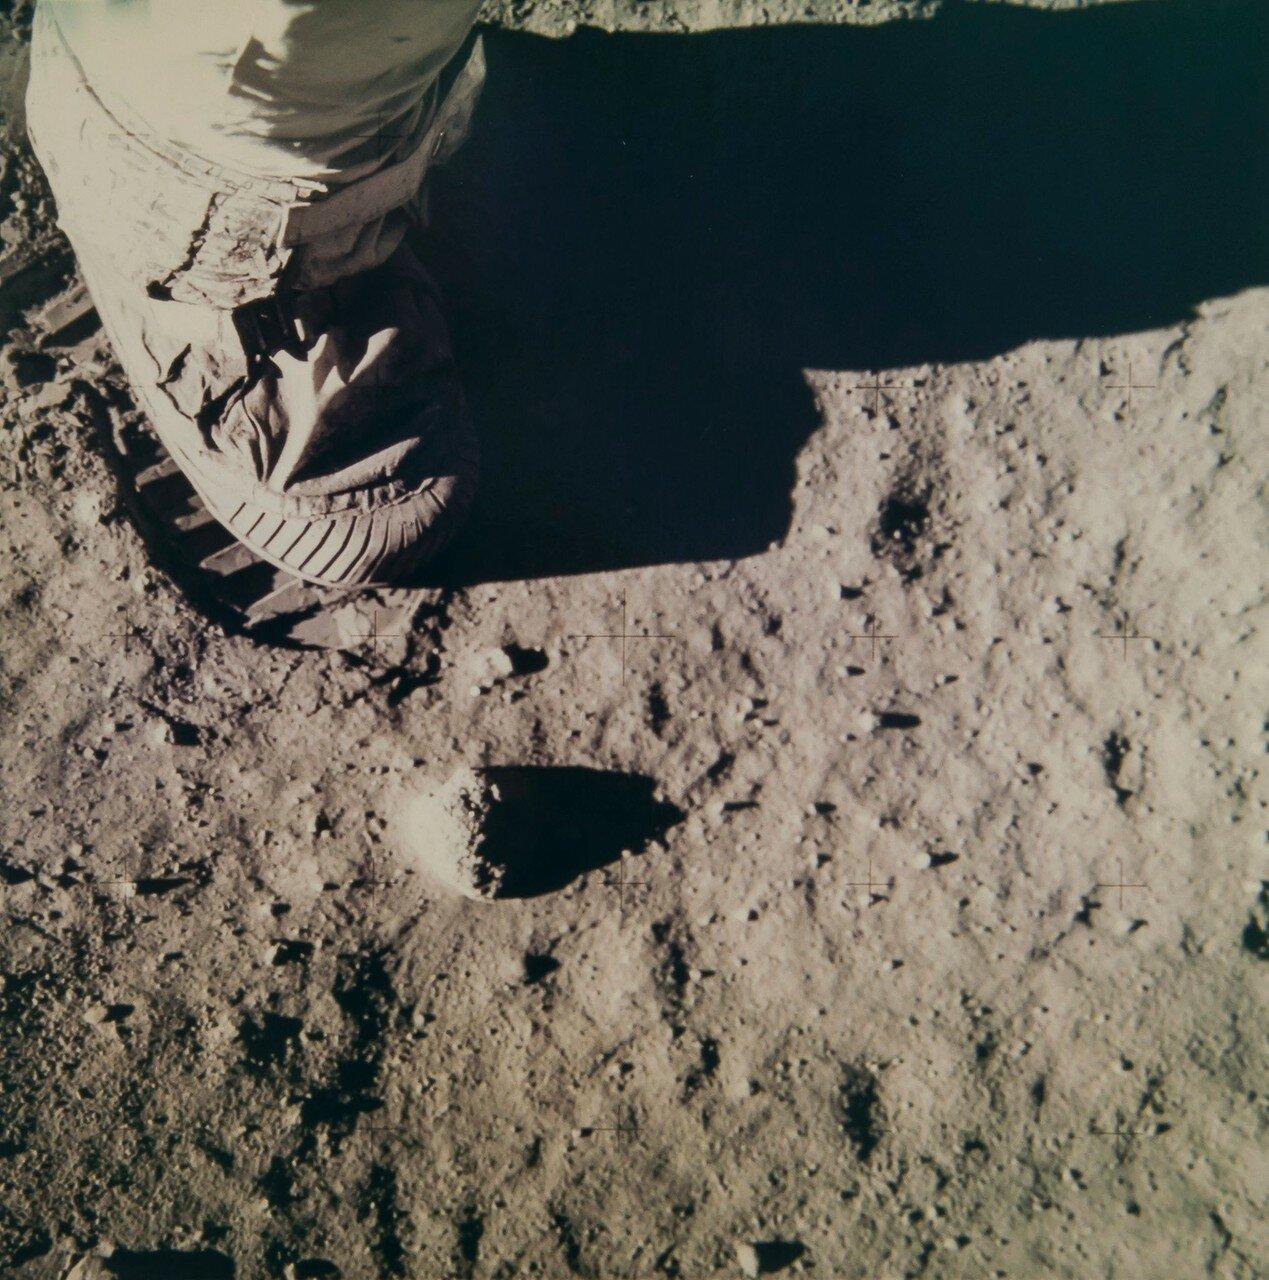 Олдрин приступил к эксперименту по оценке проникновения ботинок скафандров в грунт. На снимке: Базз Олдрин оставляет отпечаток ботинка на поверхности Луны